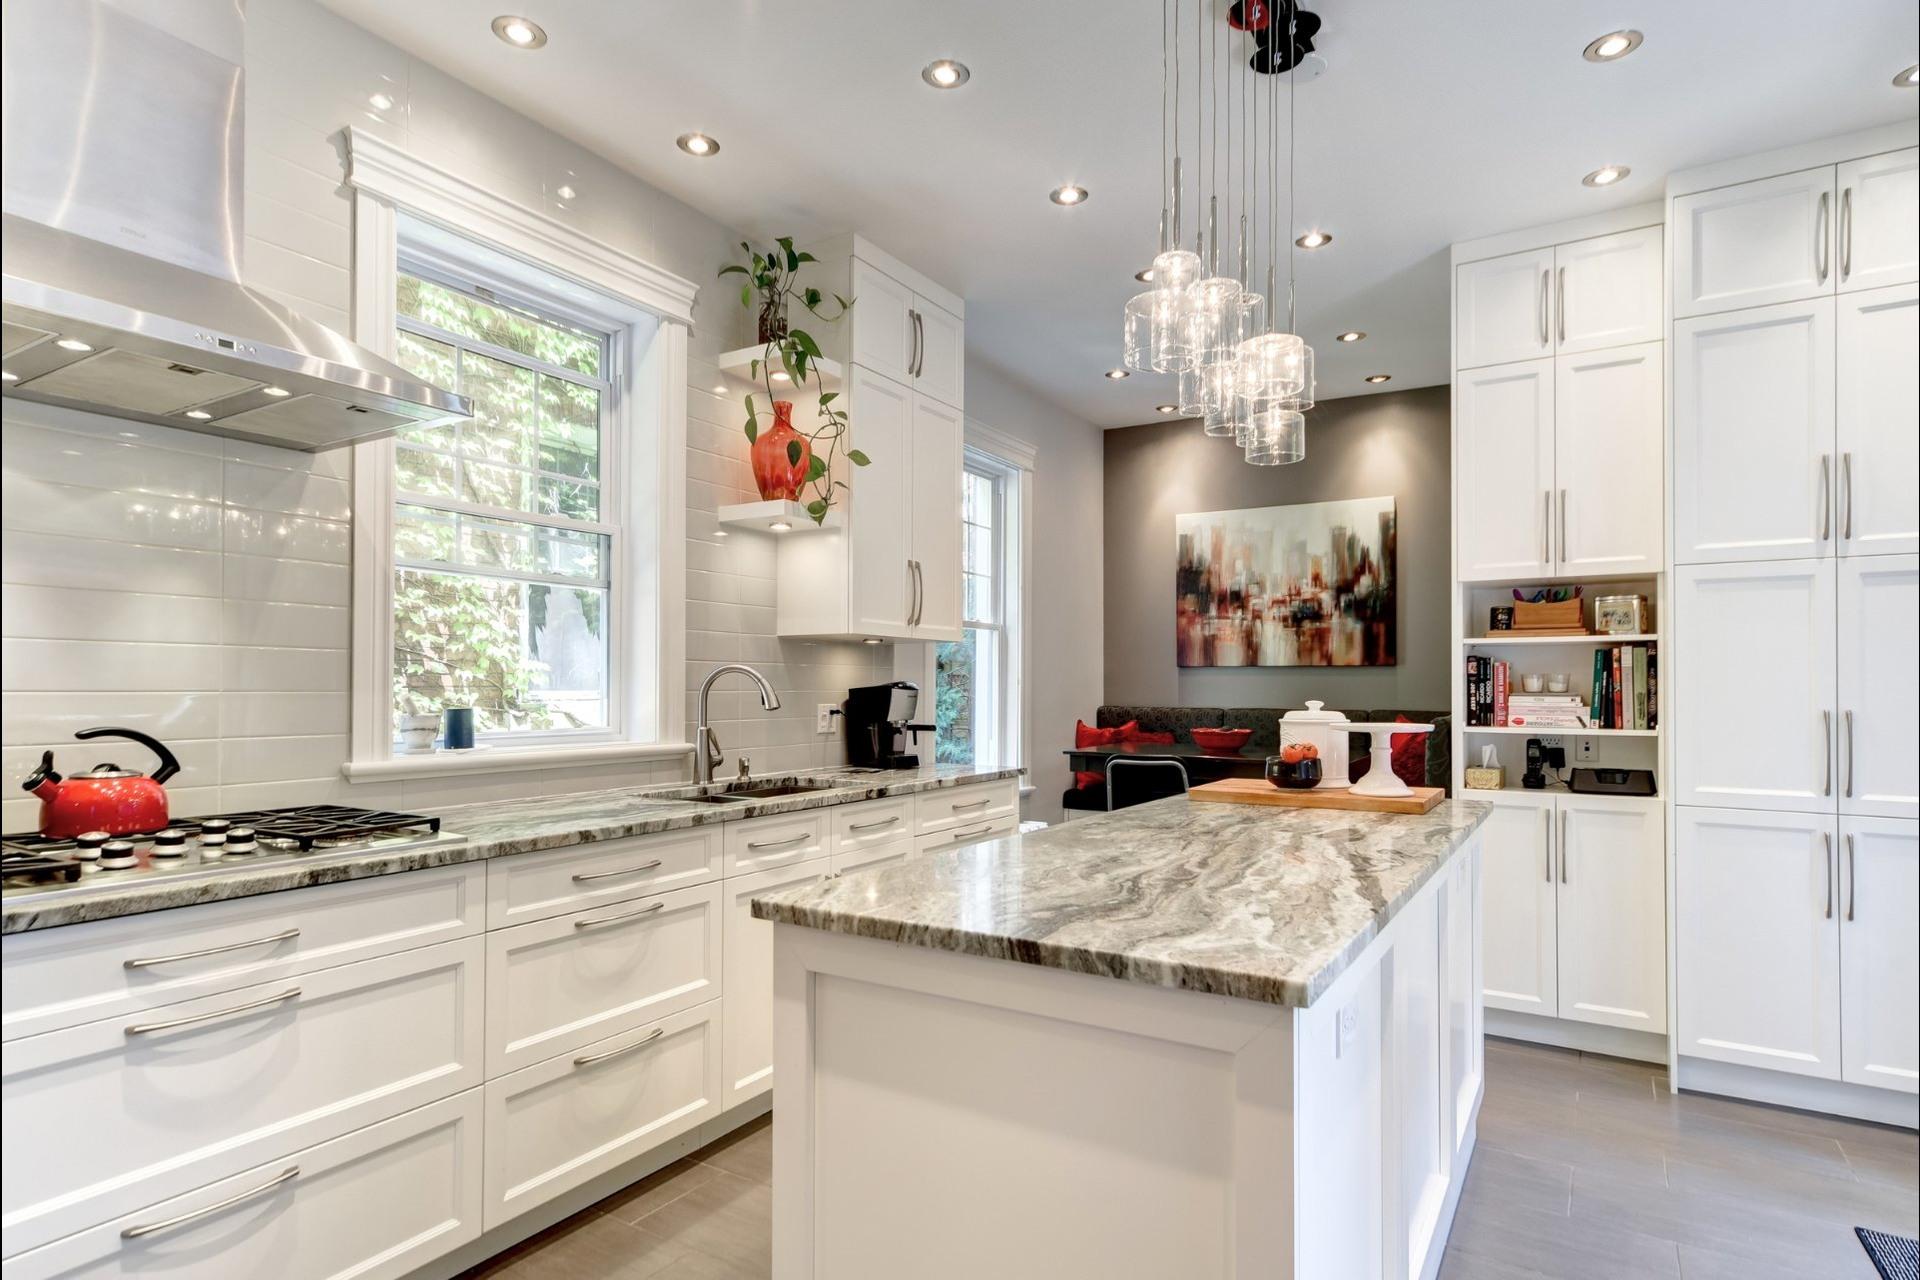 image 2 - Duplex À vendre Côte-des-Neiges/Notre-Dame-de-Grâce Montréal  - 9 pièces